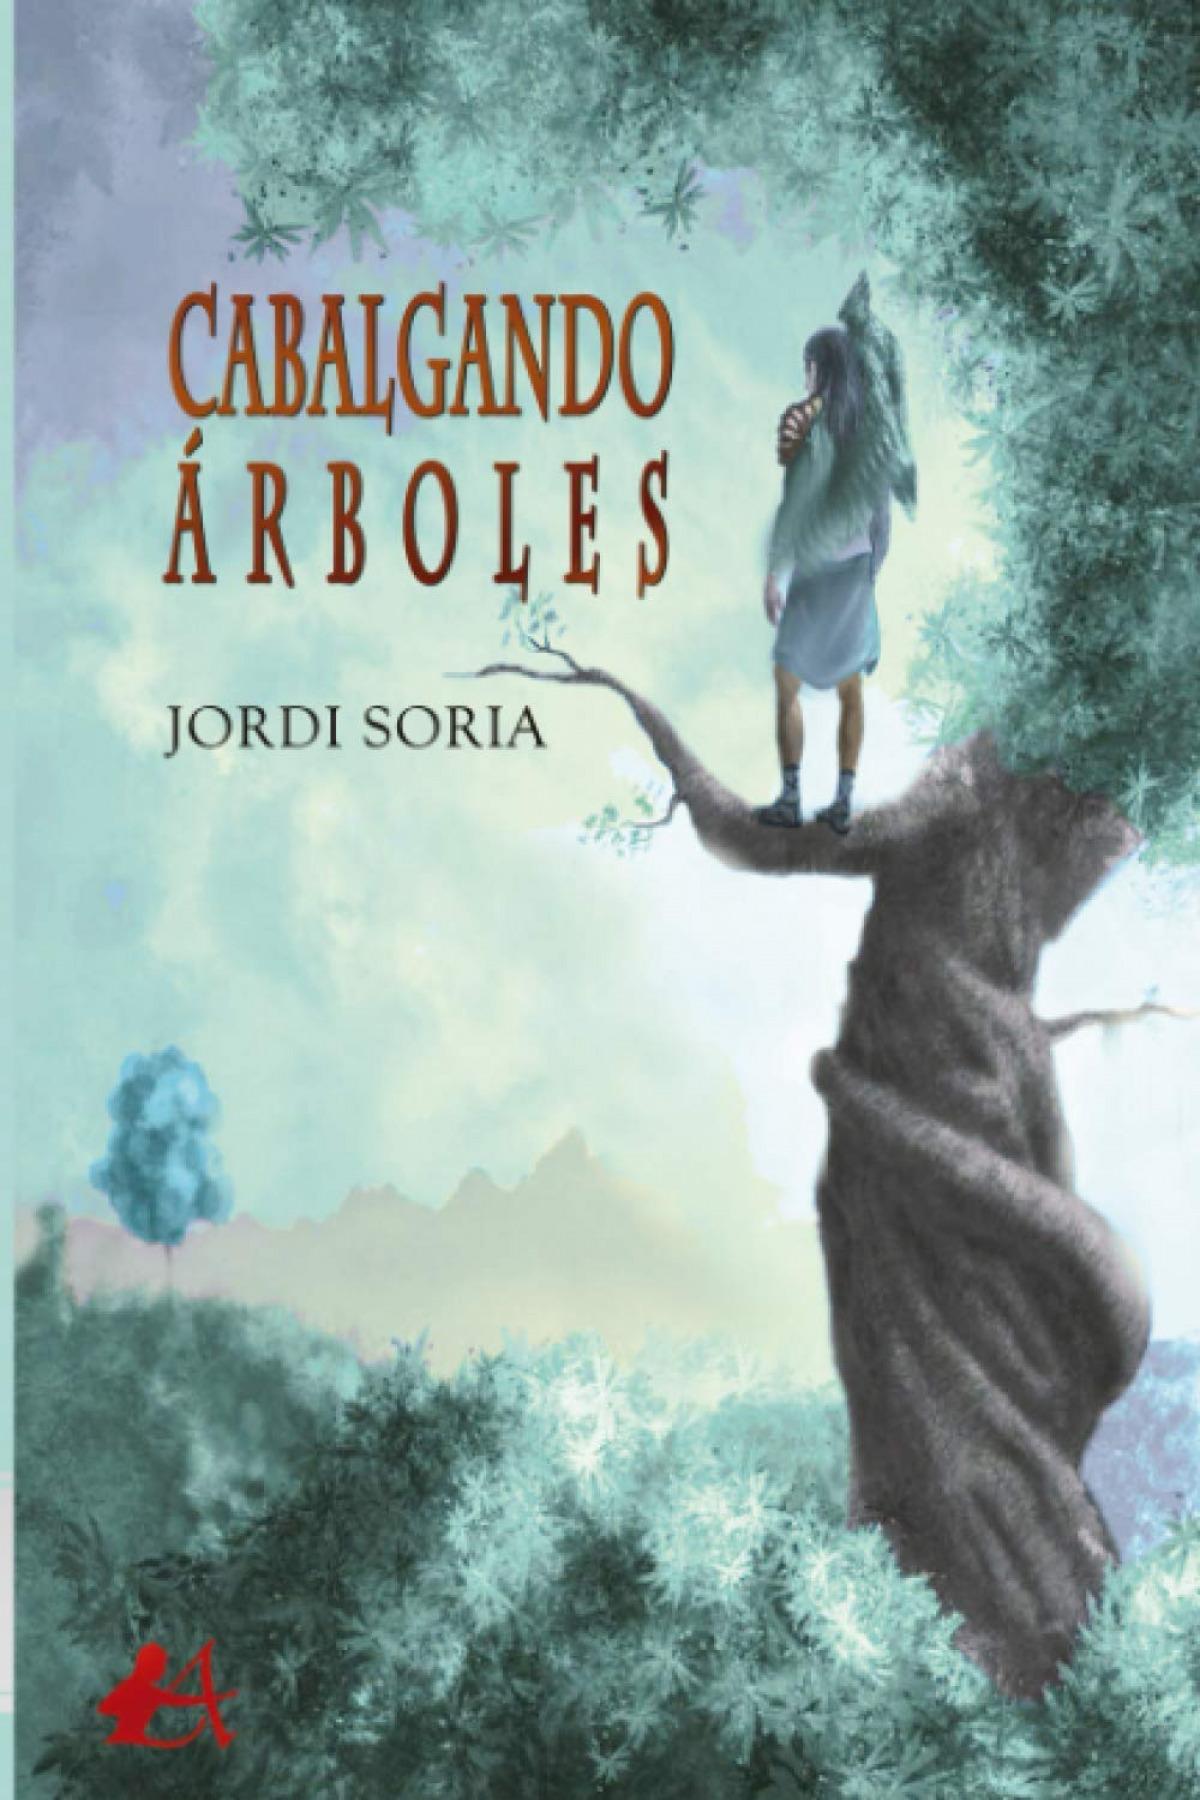 CABALGANDO ÁRBOLES